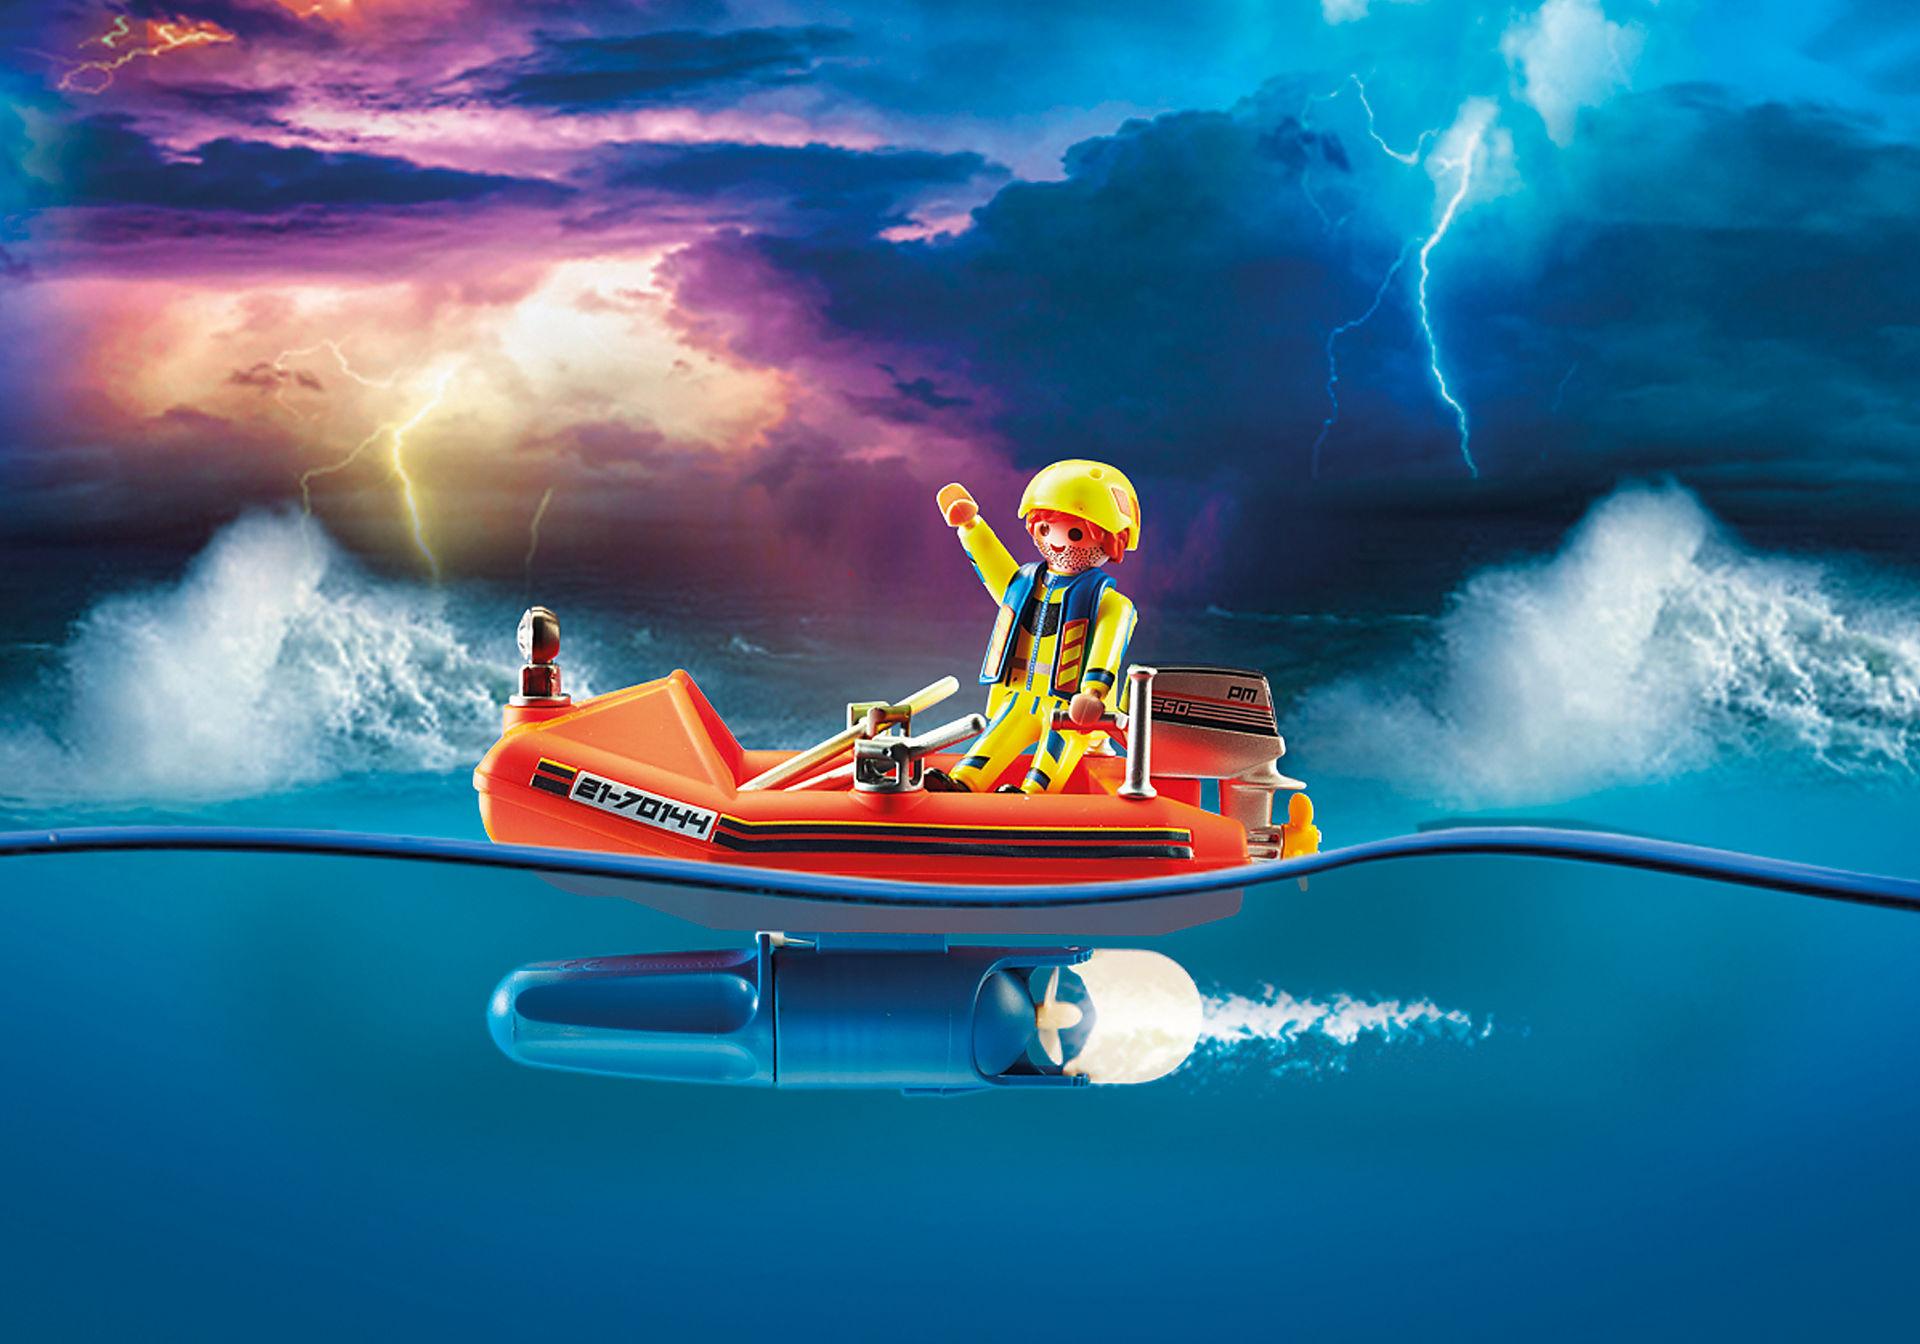 70144 Skibsredning: Kitesurferredning med båd zoom image4